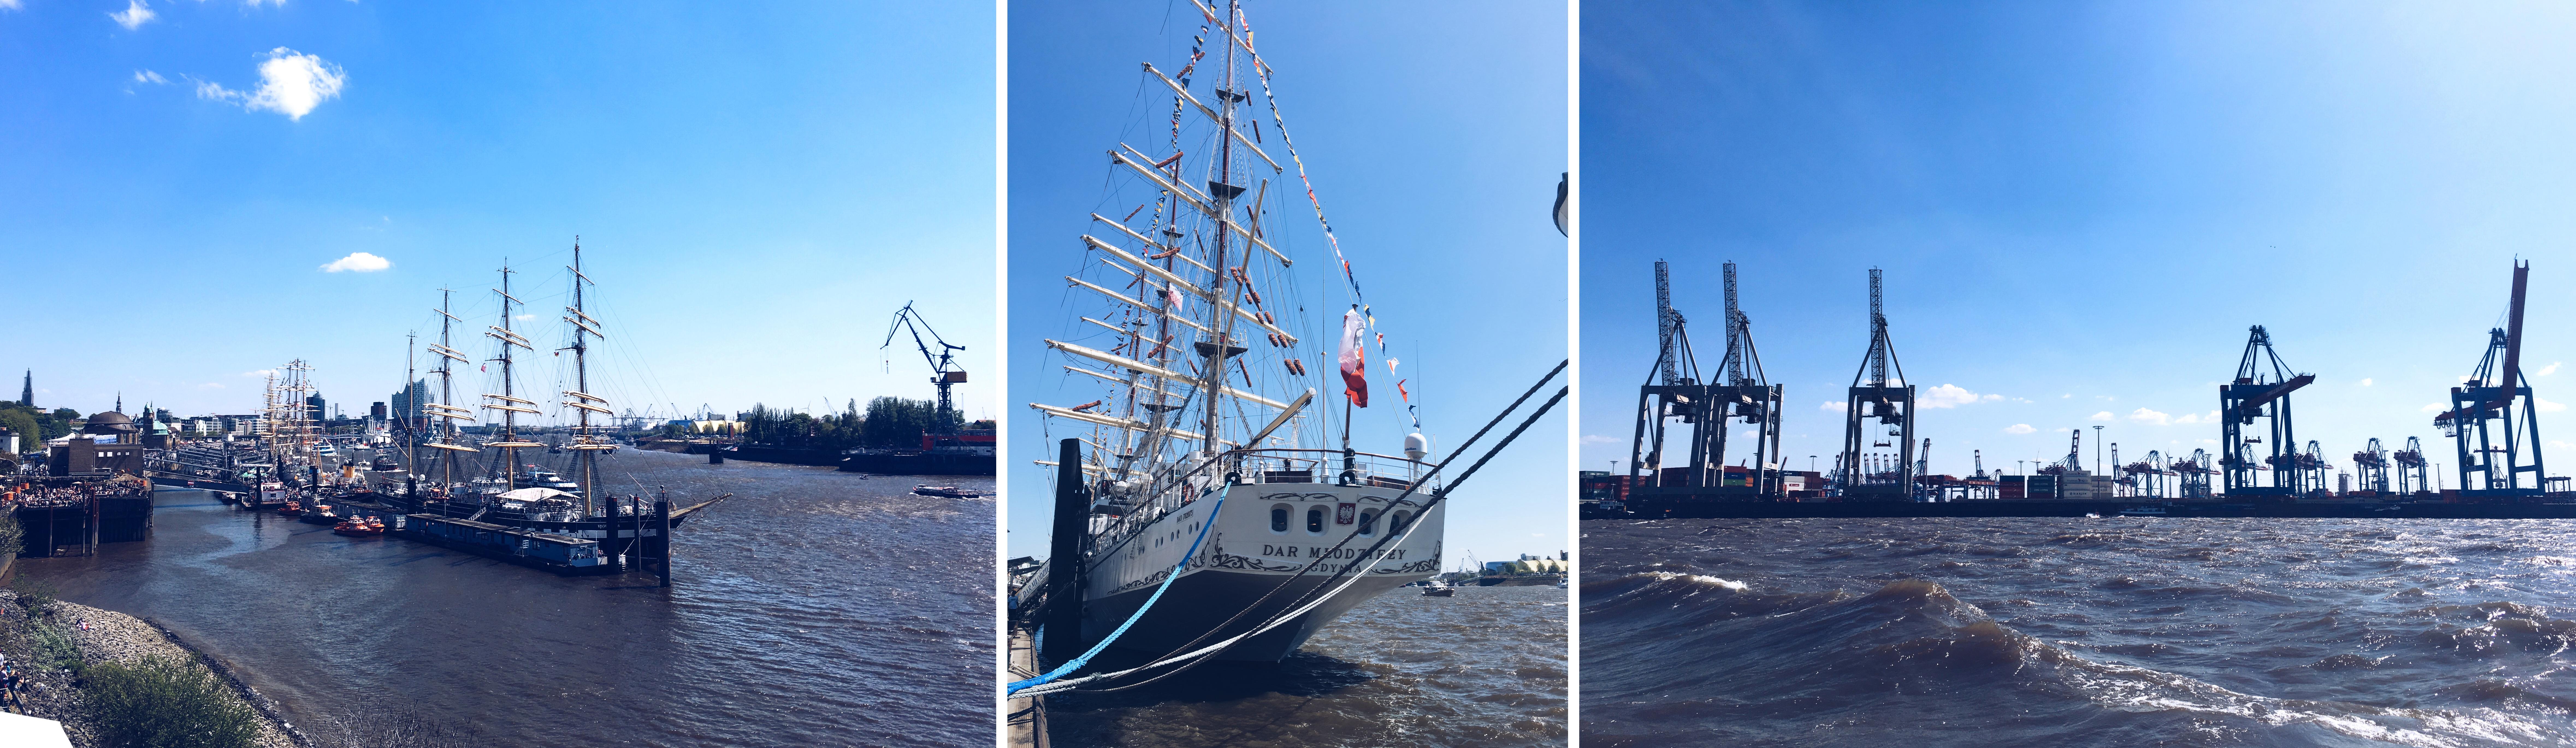 Ein perfekter Tag in Hamburg Hafen